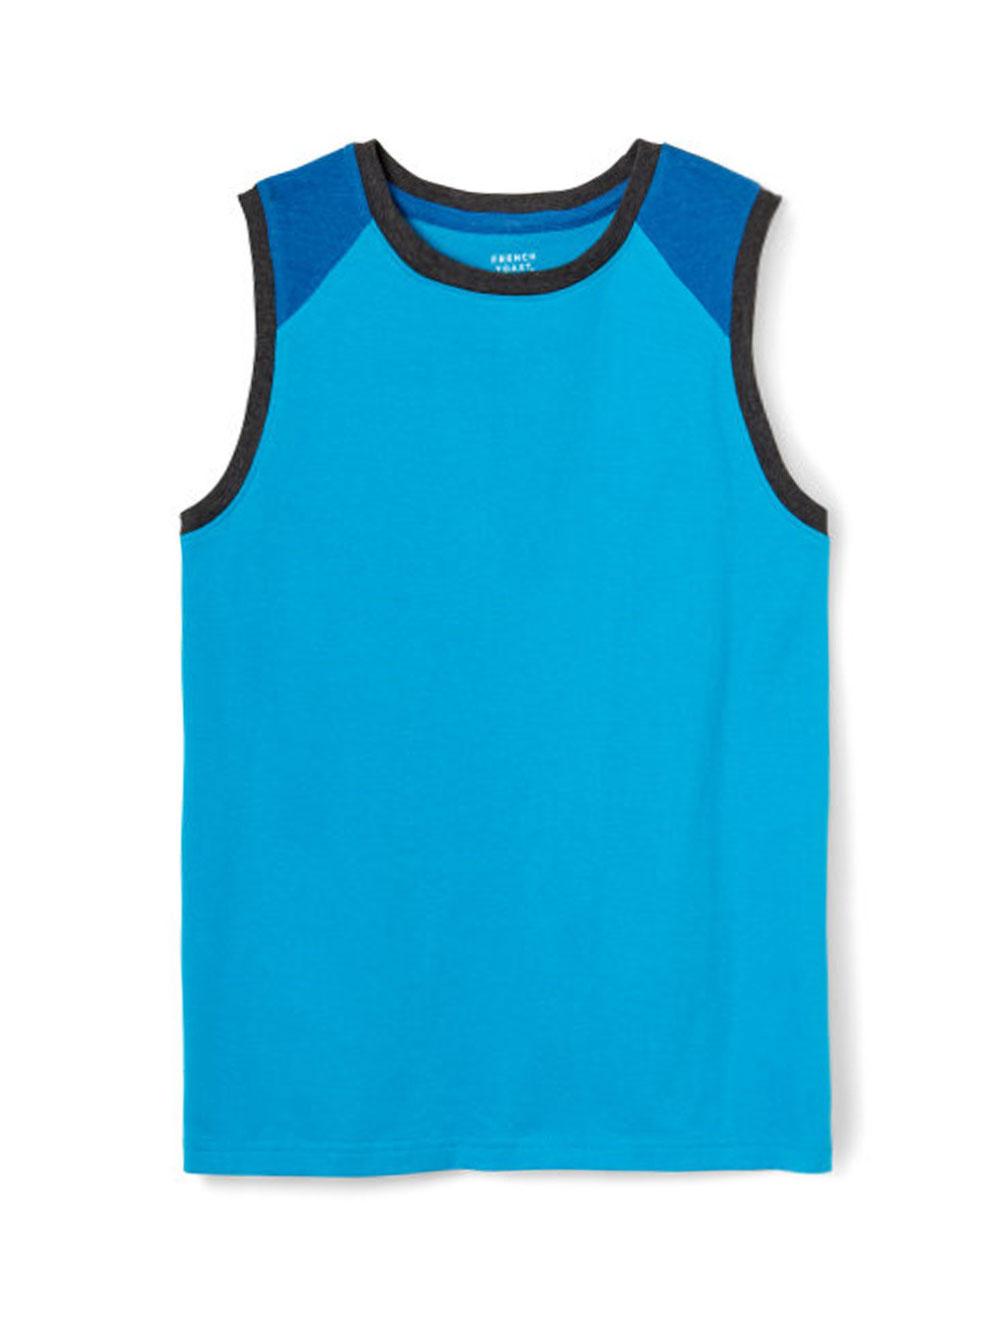 Image of French Toast Big Boys Muscle Sleeveless TShirt Sizes 8  20  turquoise blue 8